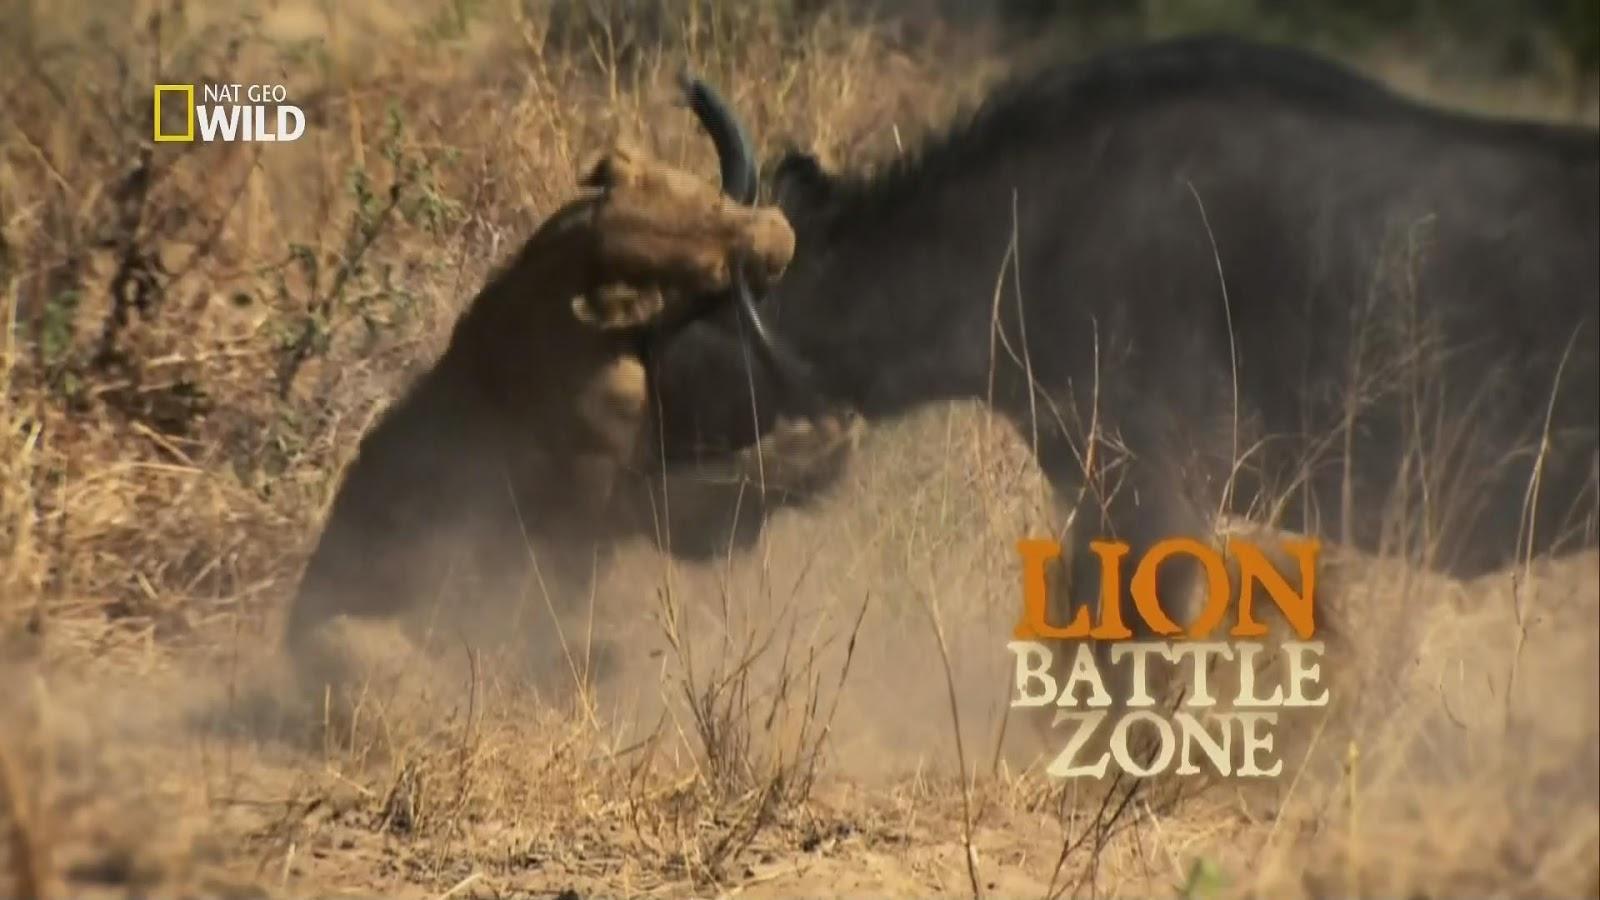 Guerra de Leões